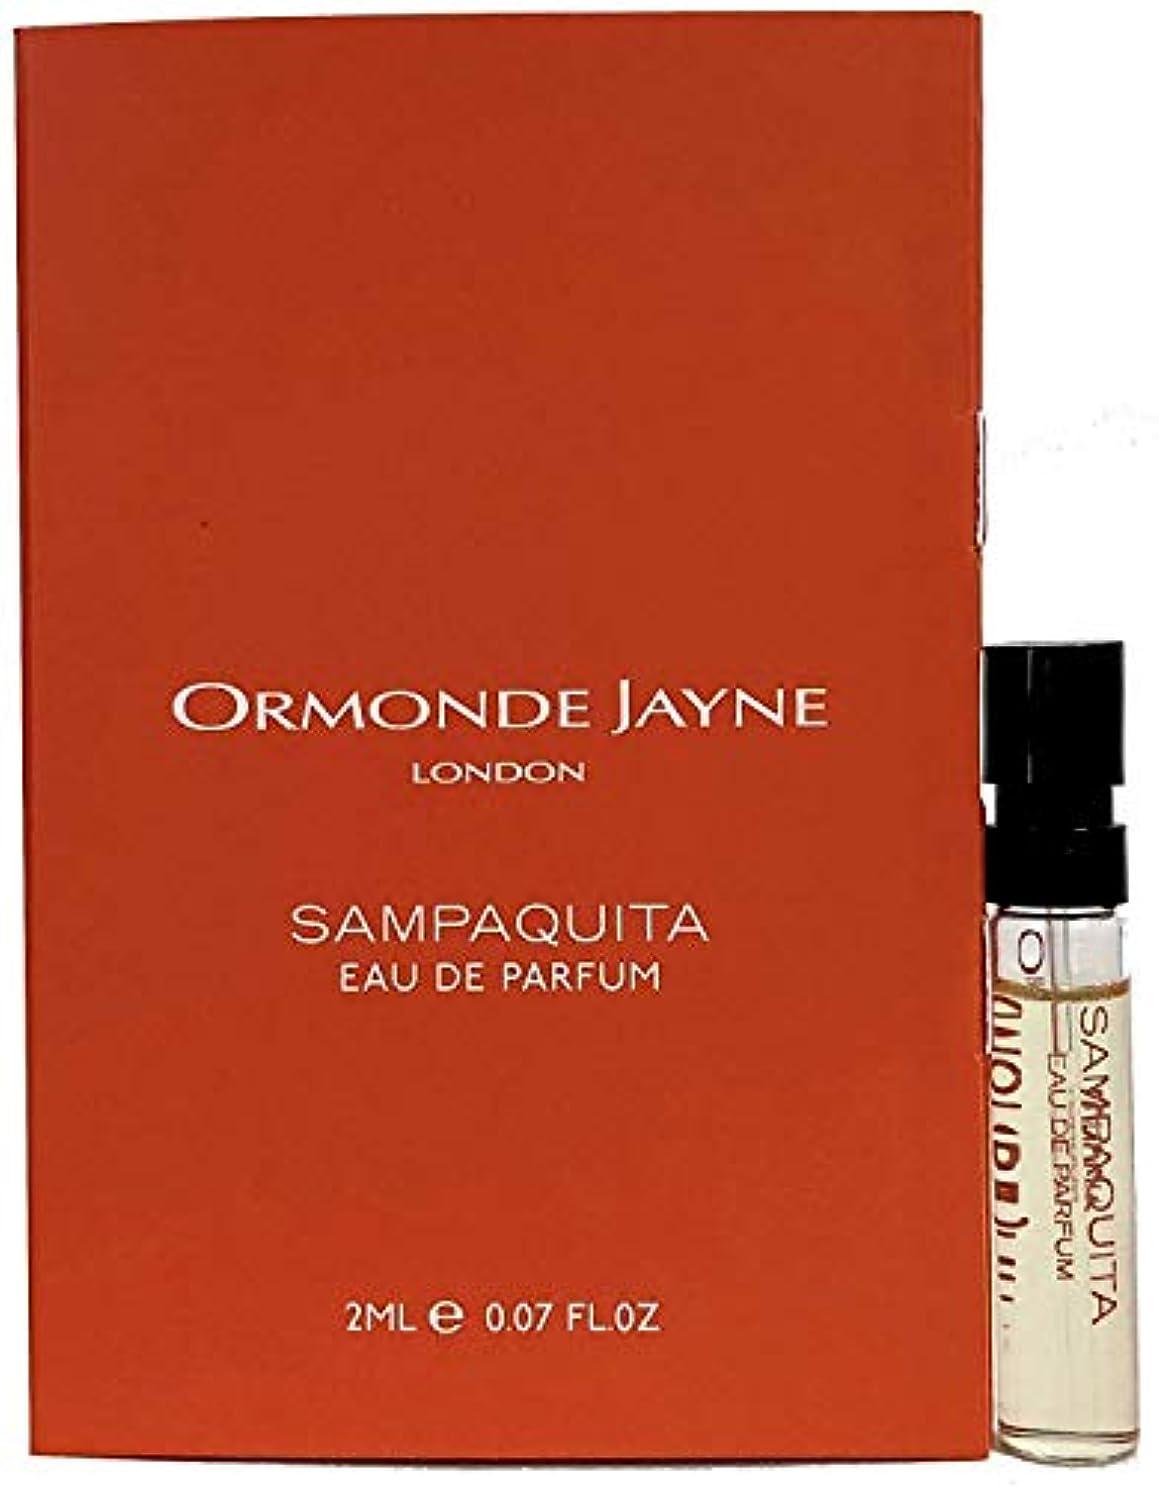 理解ワーディアンケース矛盾するオーモンド ジェーン サンパキータ オードパルファン 2ml(Ormonde Jayne SAMPAQUITA EDP Vial Sample 2ml)